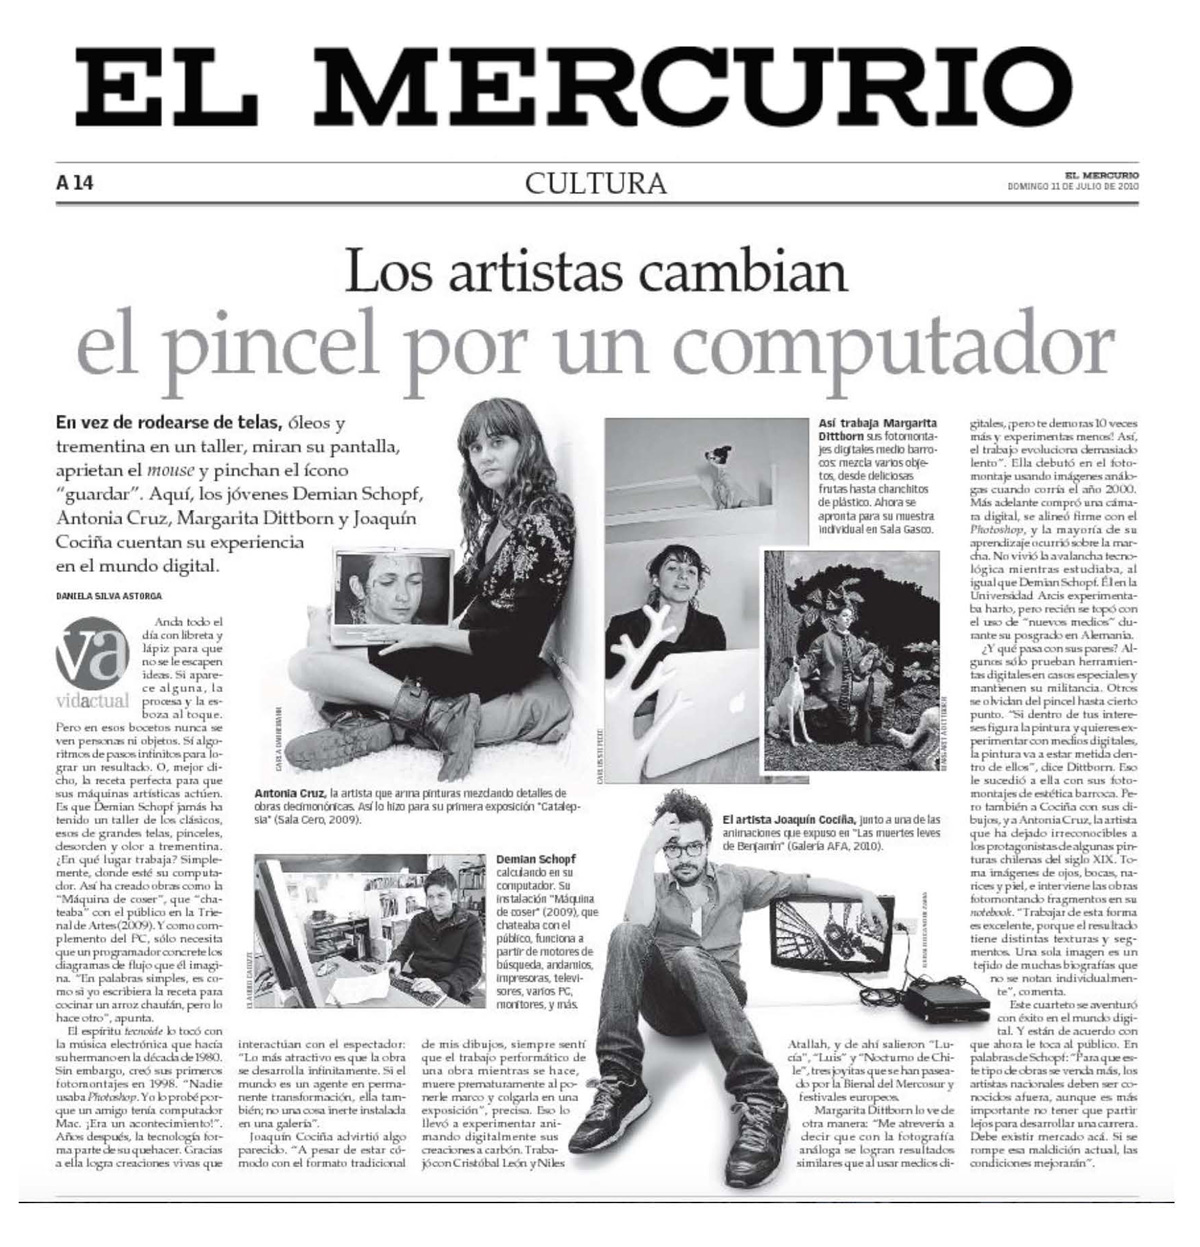 El Mercurio, Cultura